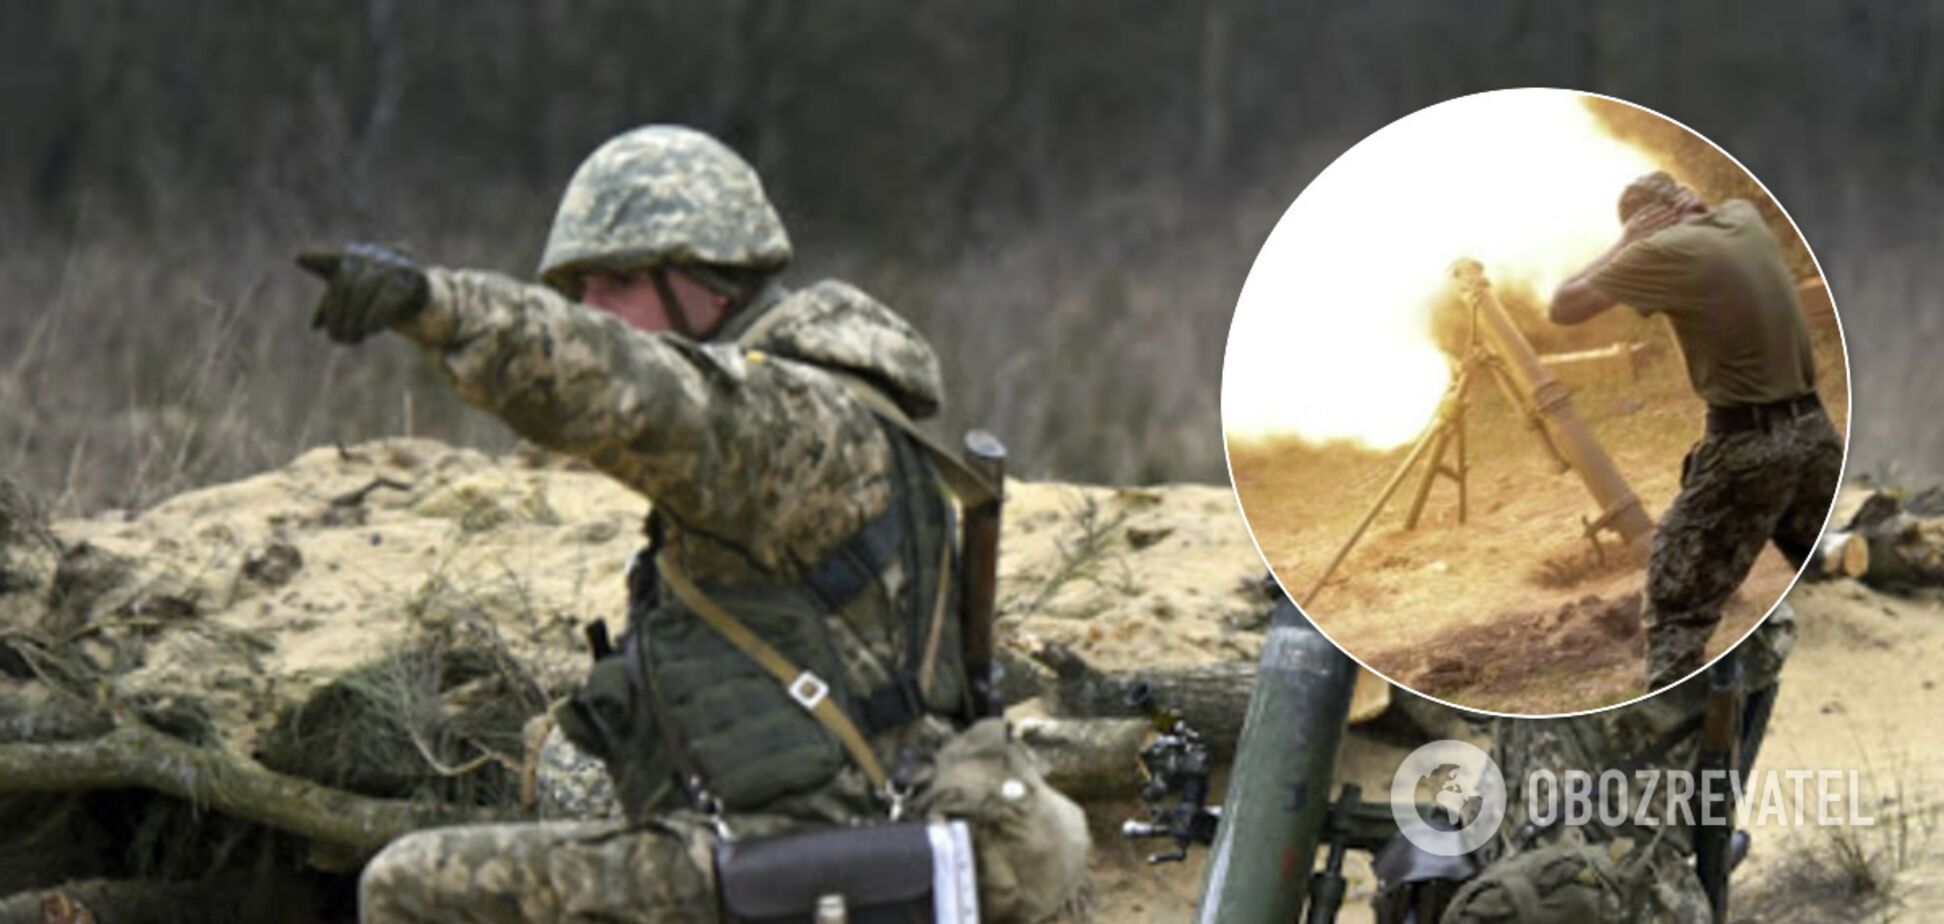 Найманці Путіна вдарили по ЗСУ зі страшної зброї та поплатилися